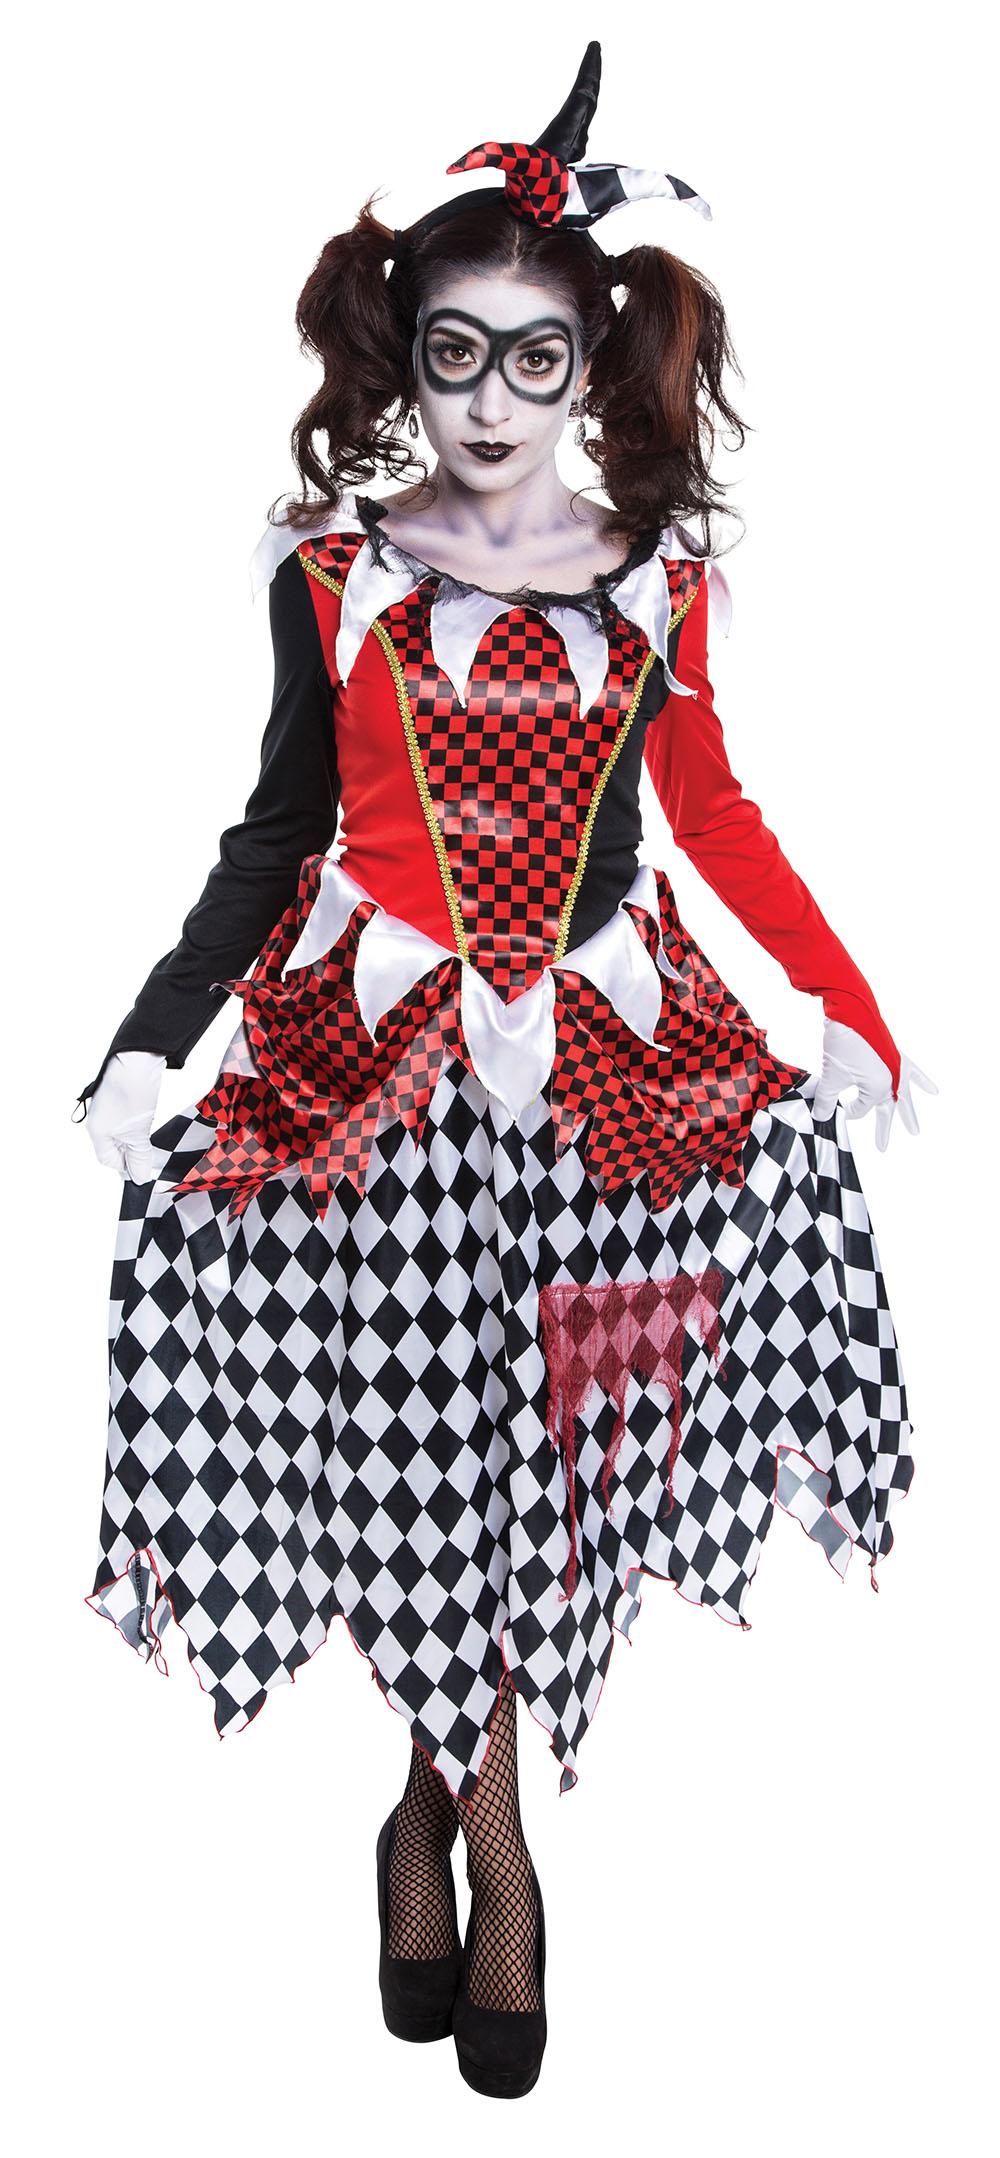 Harlequin Halloween Costumes